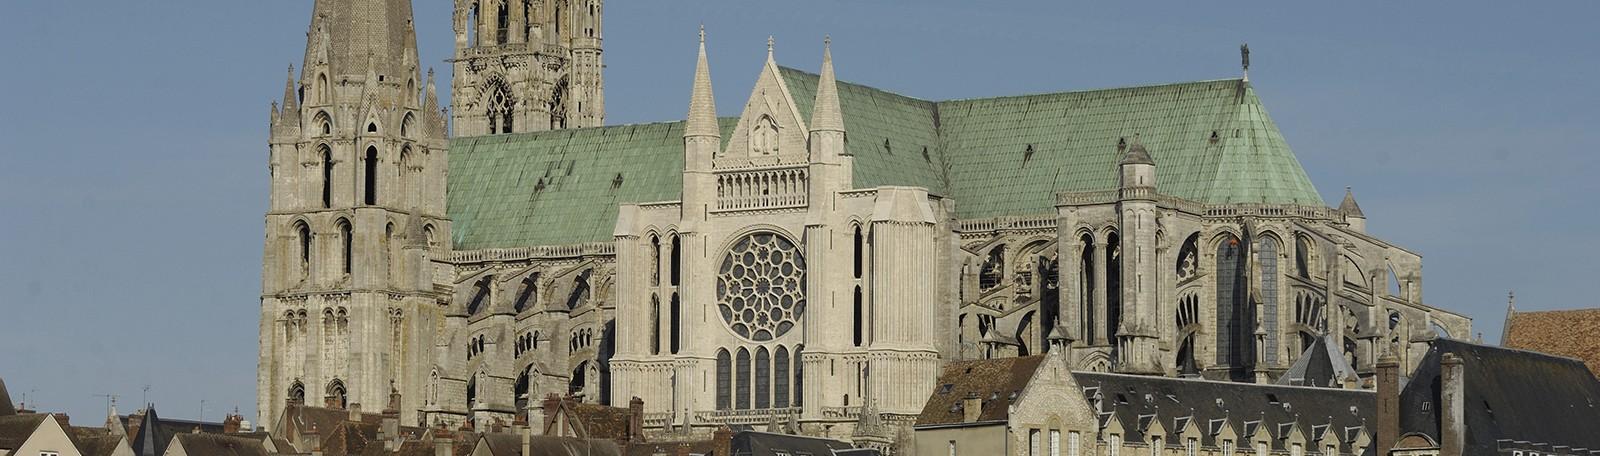 Stationner à Chartres Cathédrale